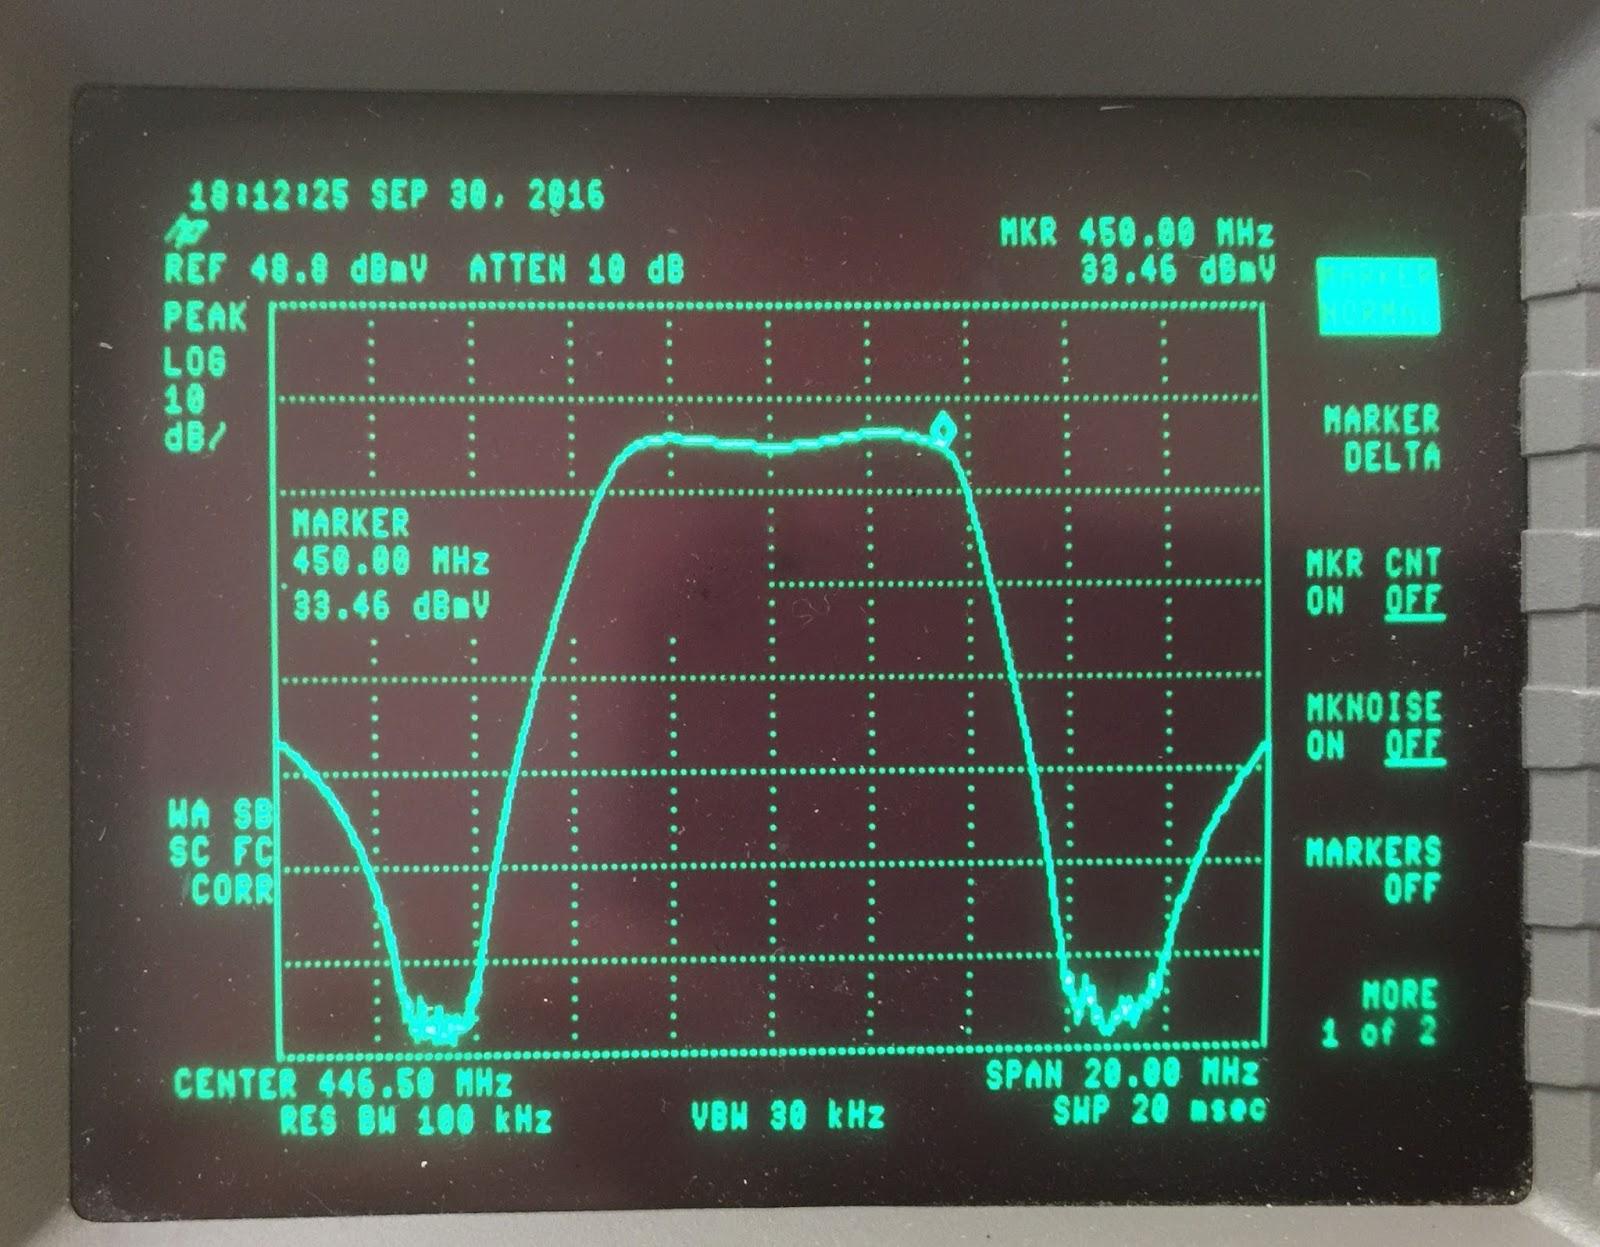 Duplexer DVB-T TX filter: Low bandwidths